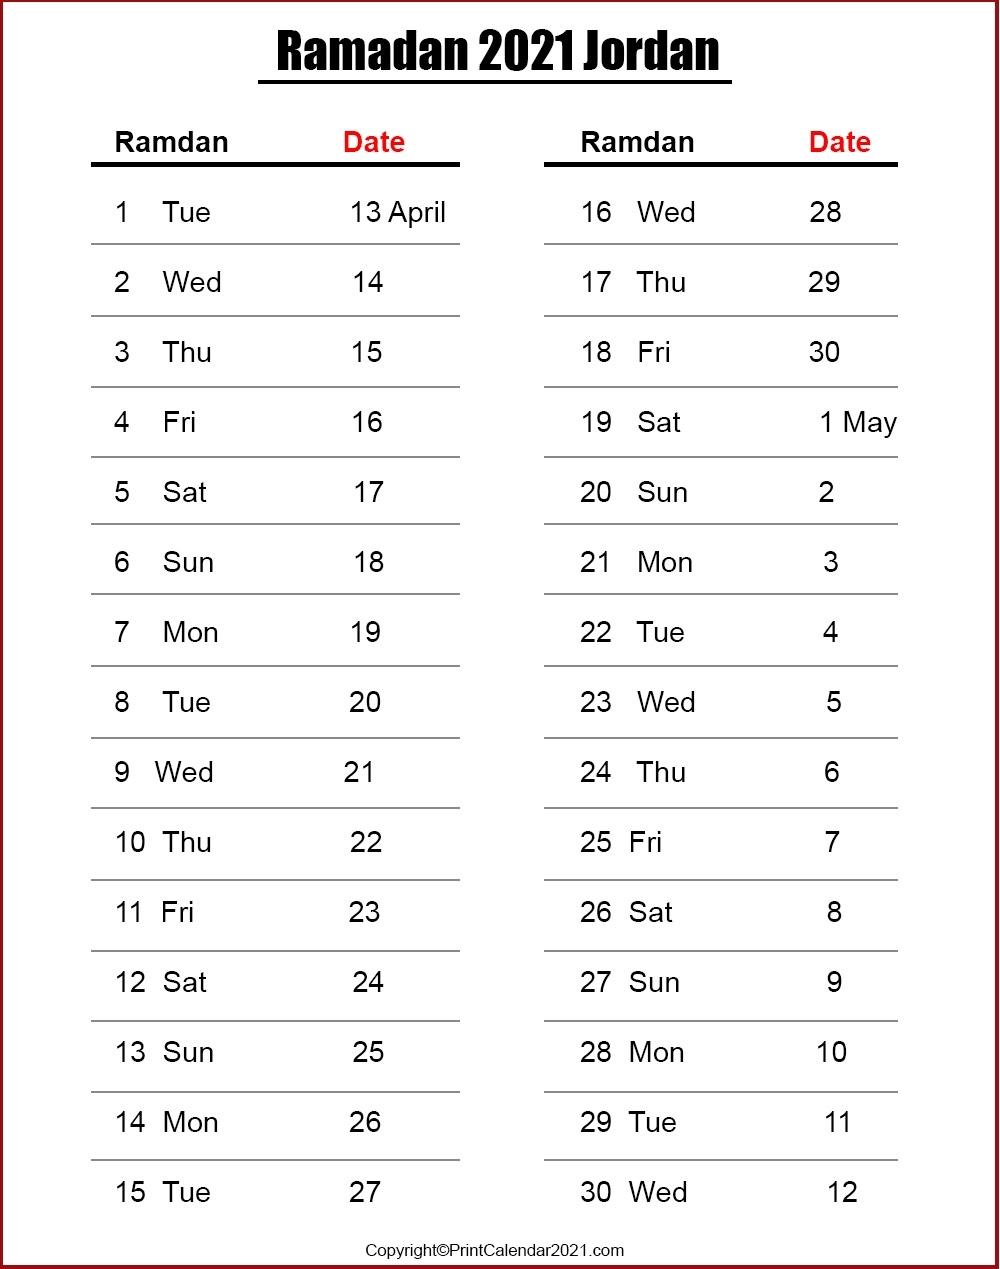 Ramadan Calendar 2021 / 1442 - Prayer Times تقويم رمضان 2021